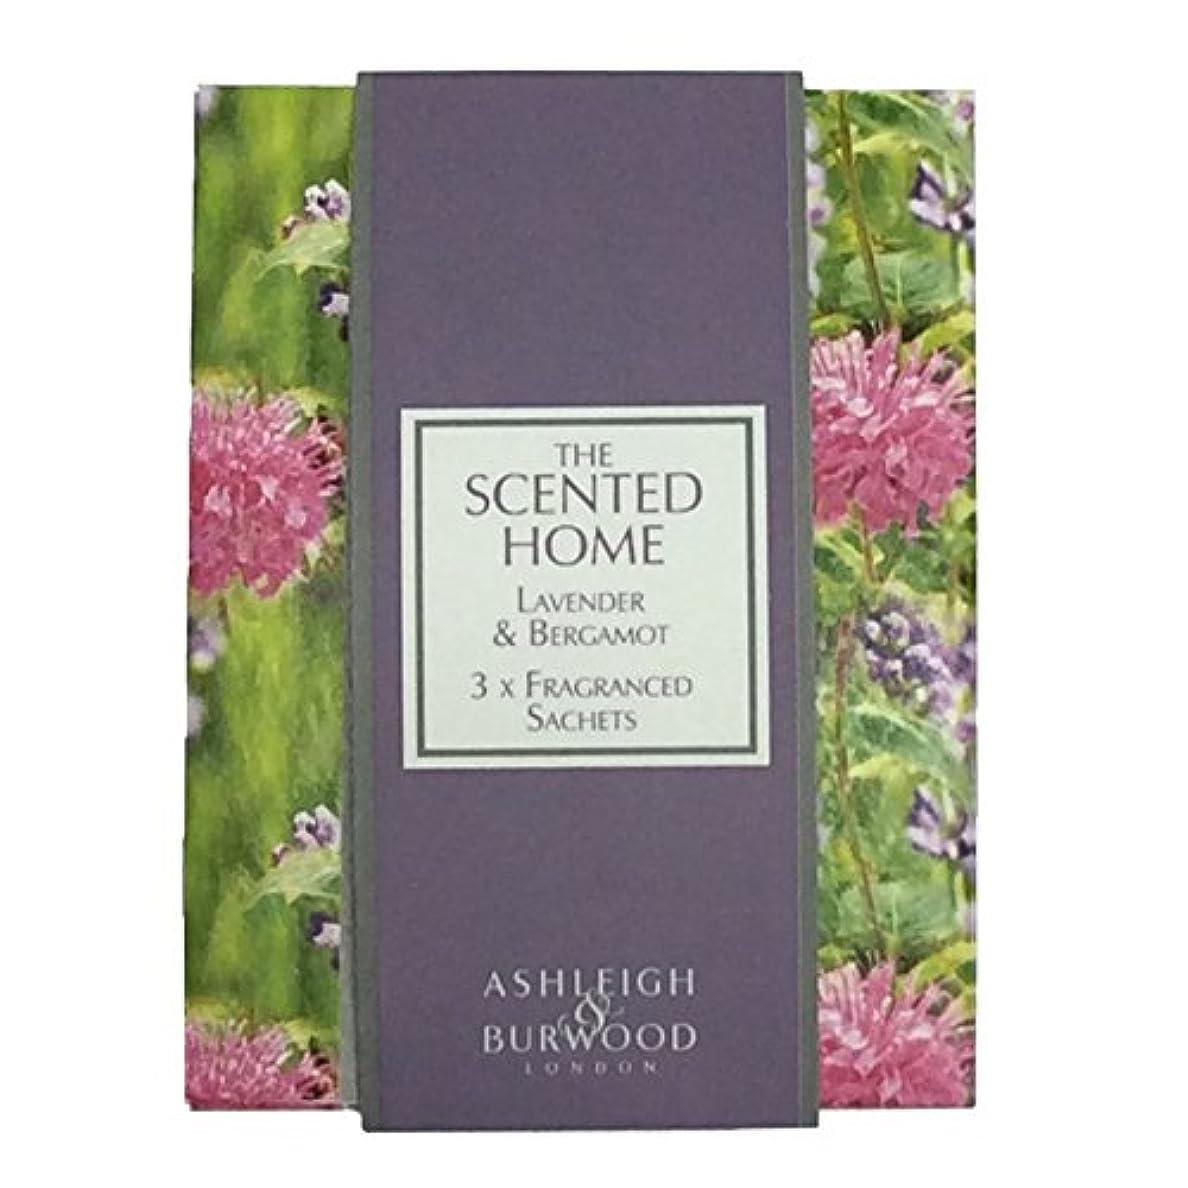 利用可能妖精哀れなAshleigh&Burwood サシェ×3個 ラベンダー&ベルガモット Sachet×3 Lavender&Bergamot アシュレイ&バーウッド